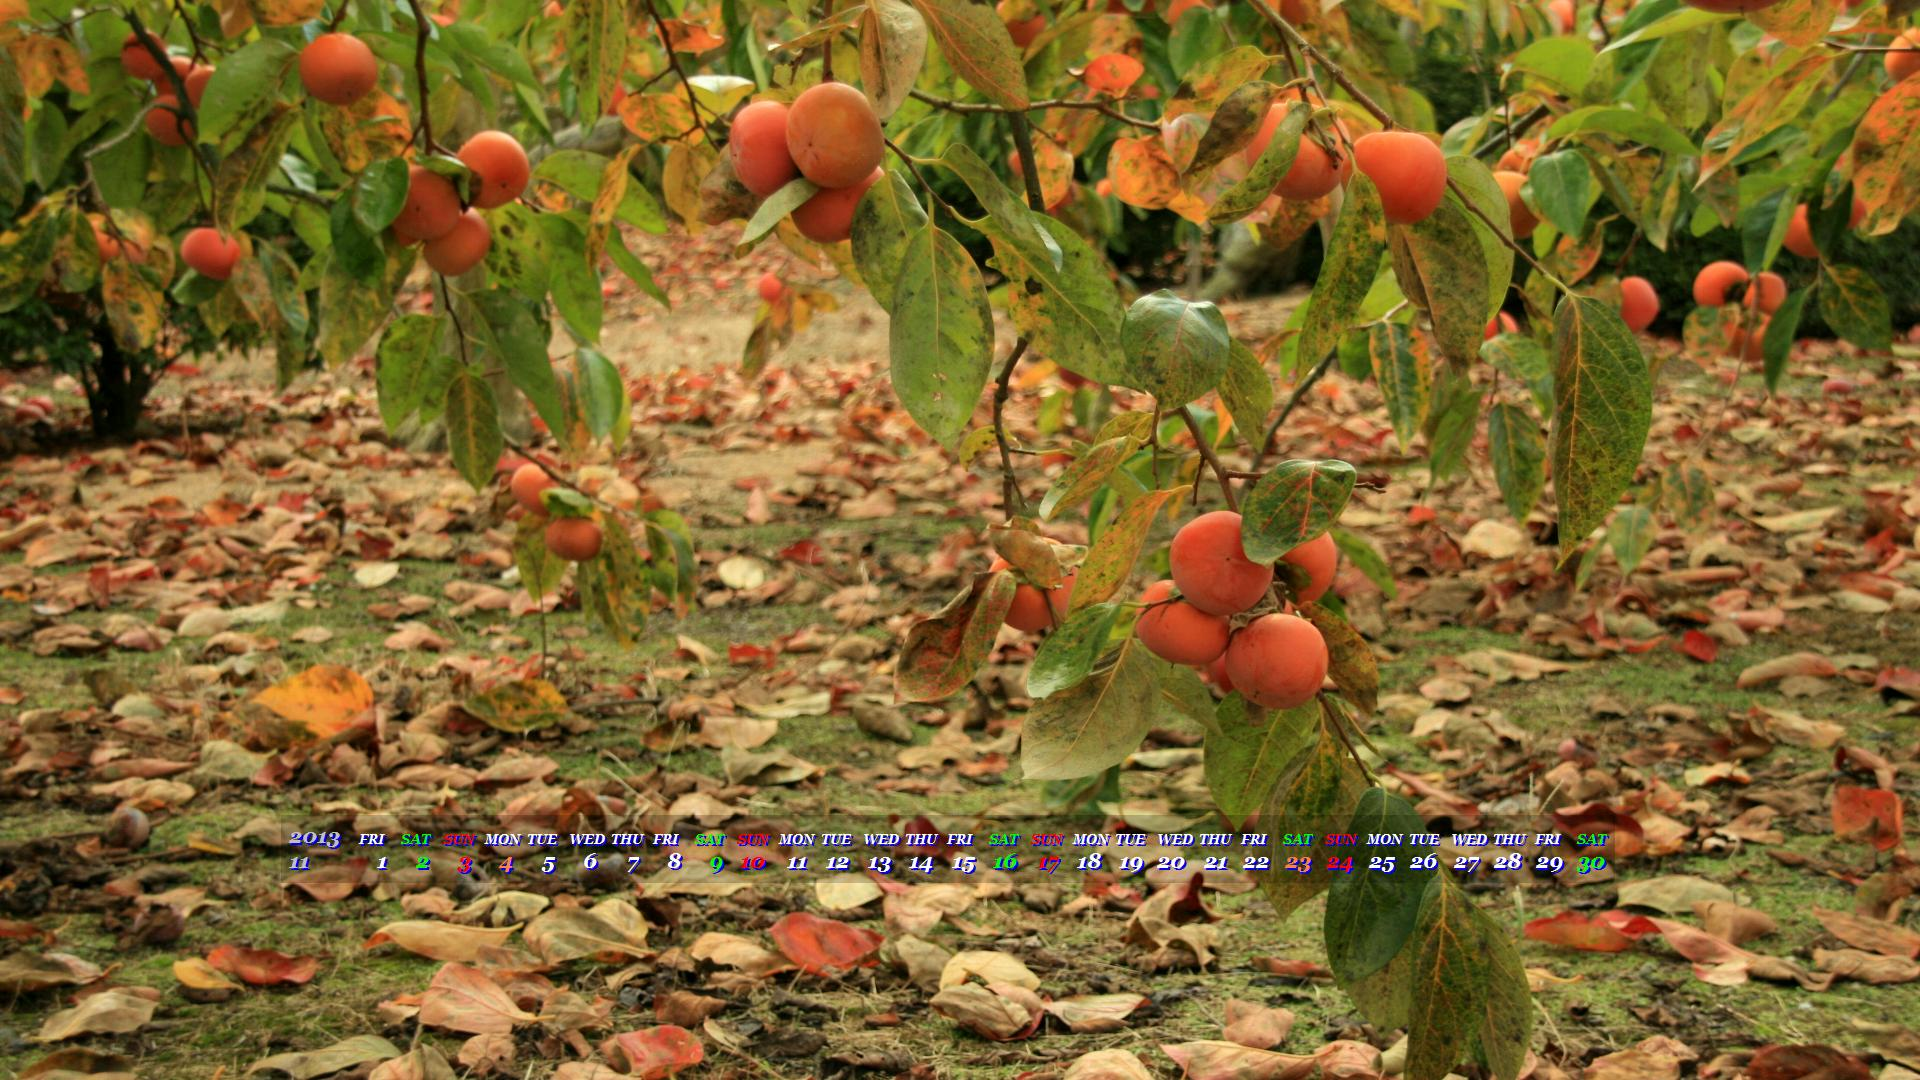 柿実る秋 2013年11月19x1080ワイド壁紙 カレンダー壁紙館 昴 無料ワイド